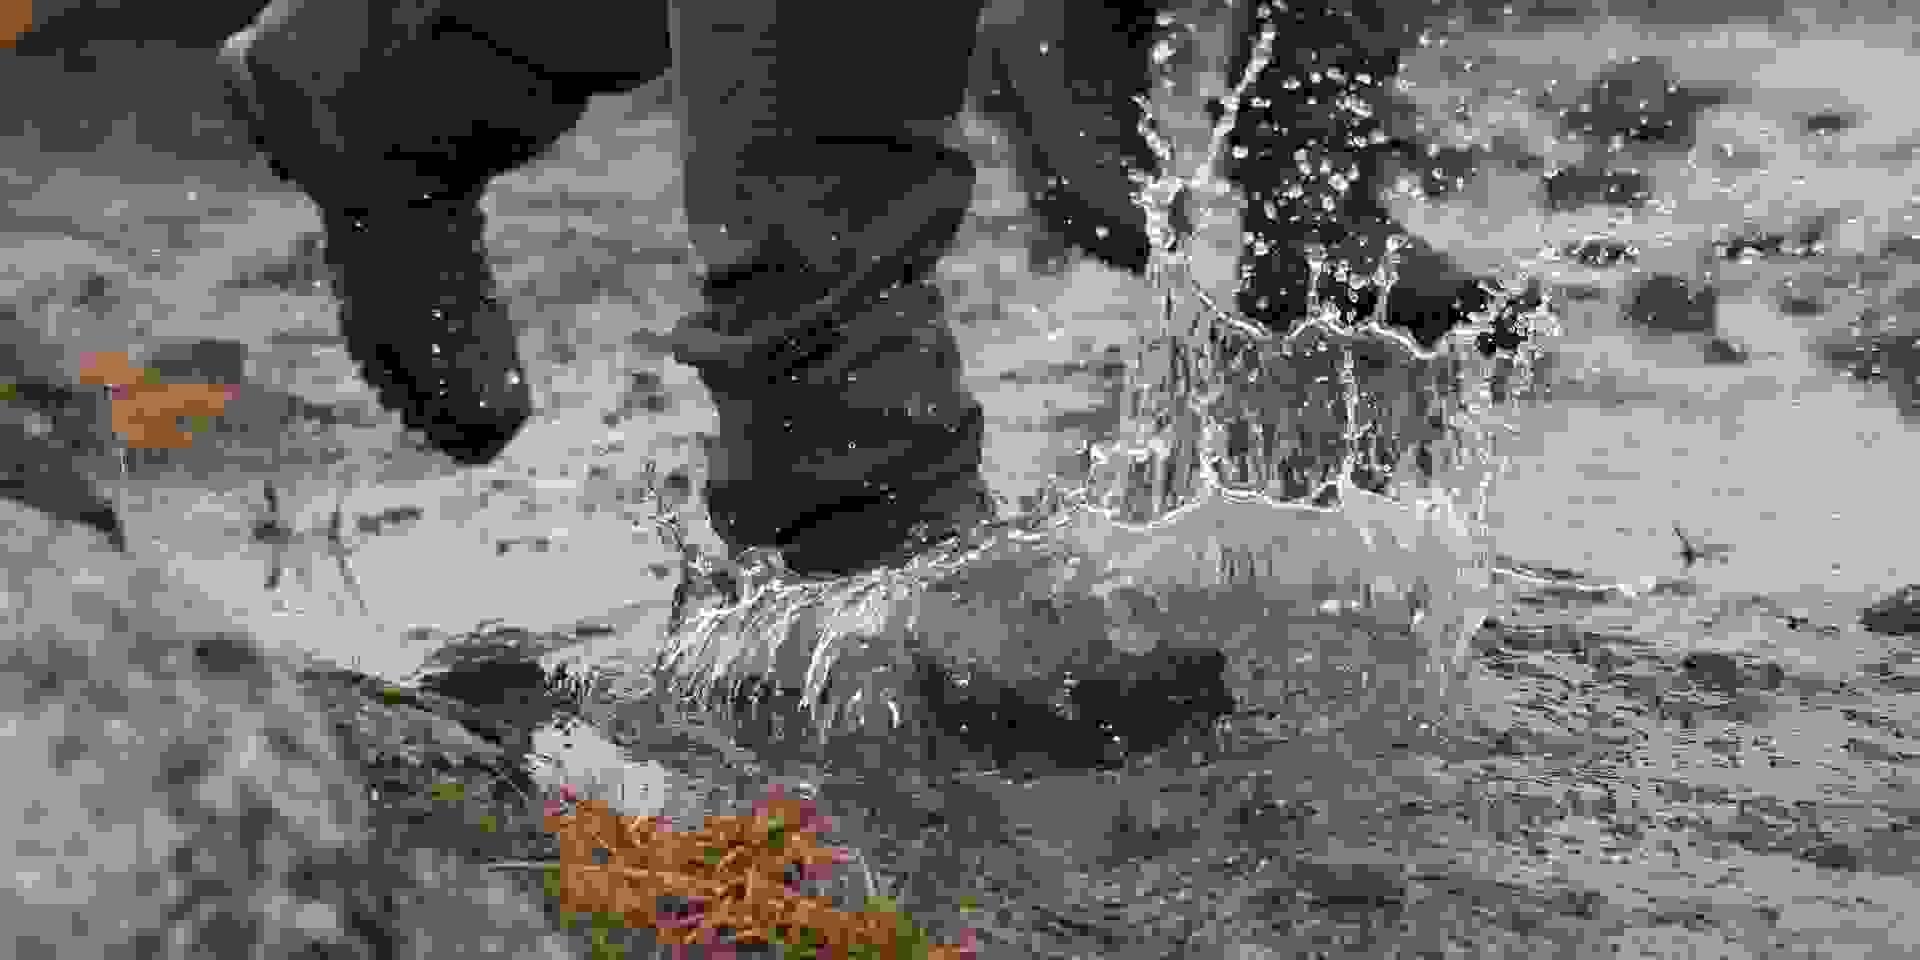 Eine Aufnahme von Füßen die mit Wanderschuhen und Wanderhosen durch ein Flussbett wandern